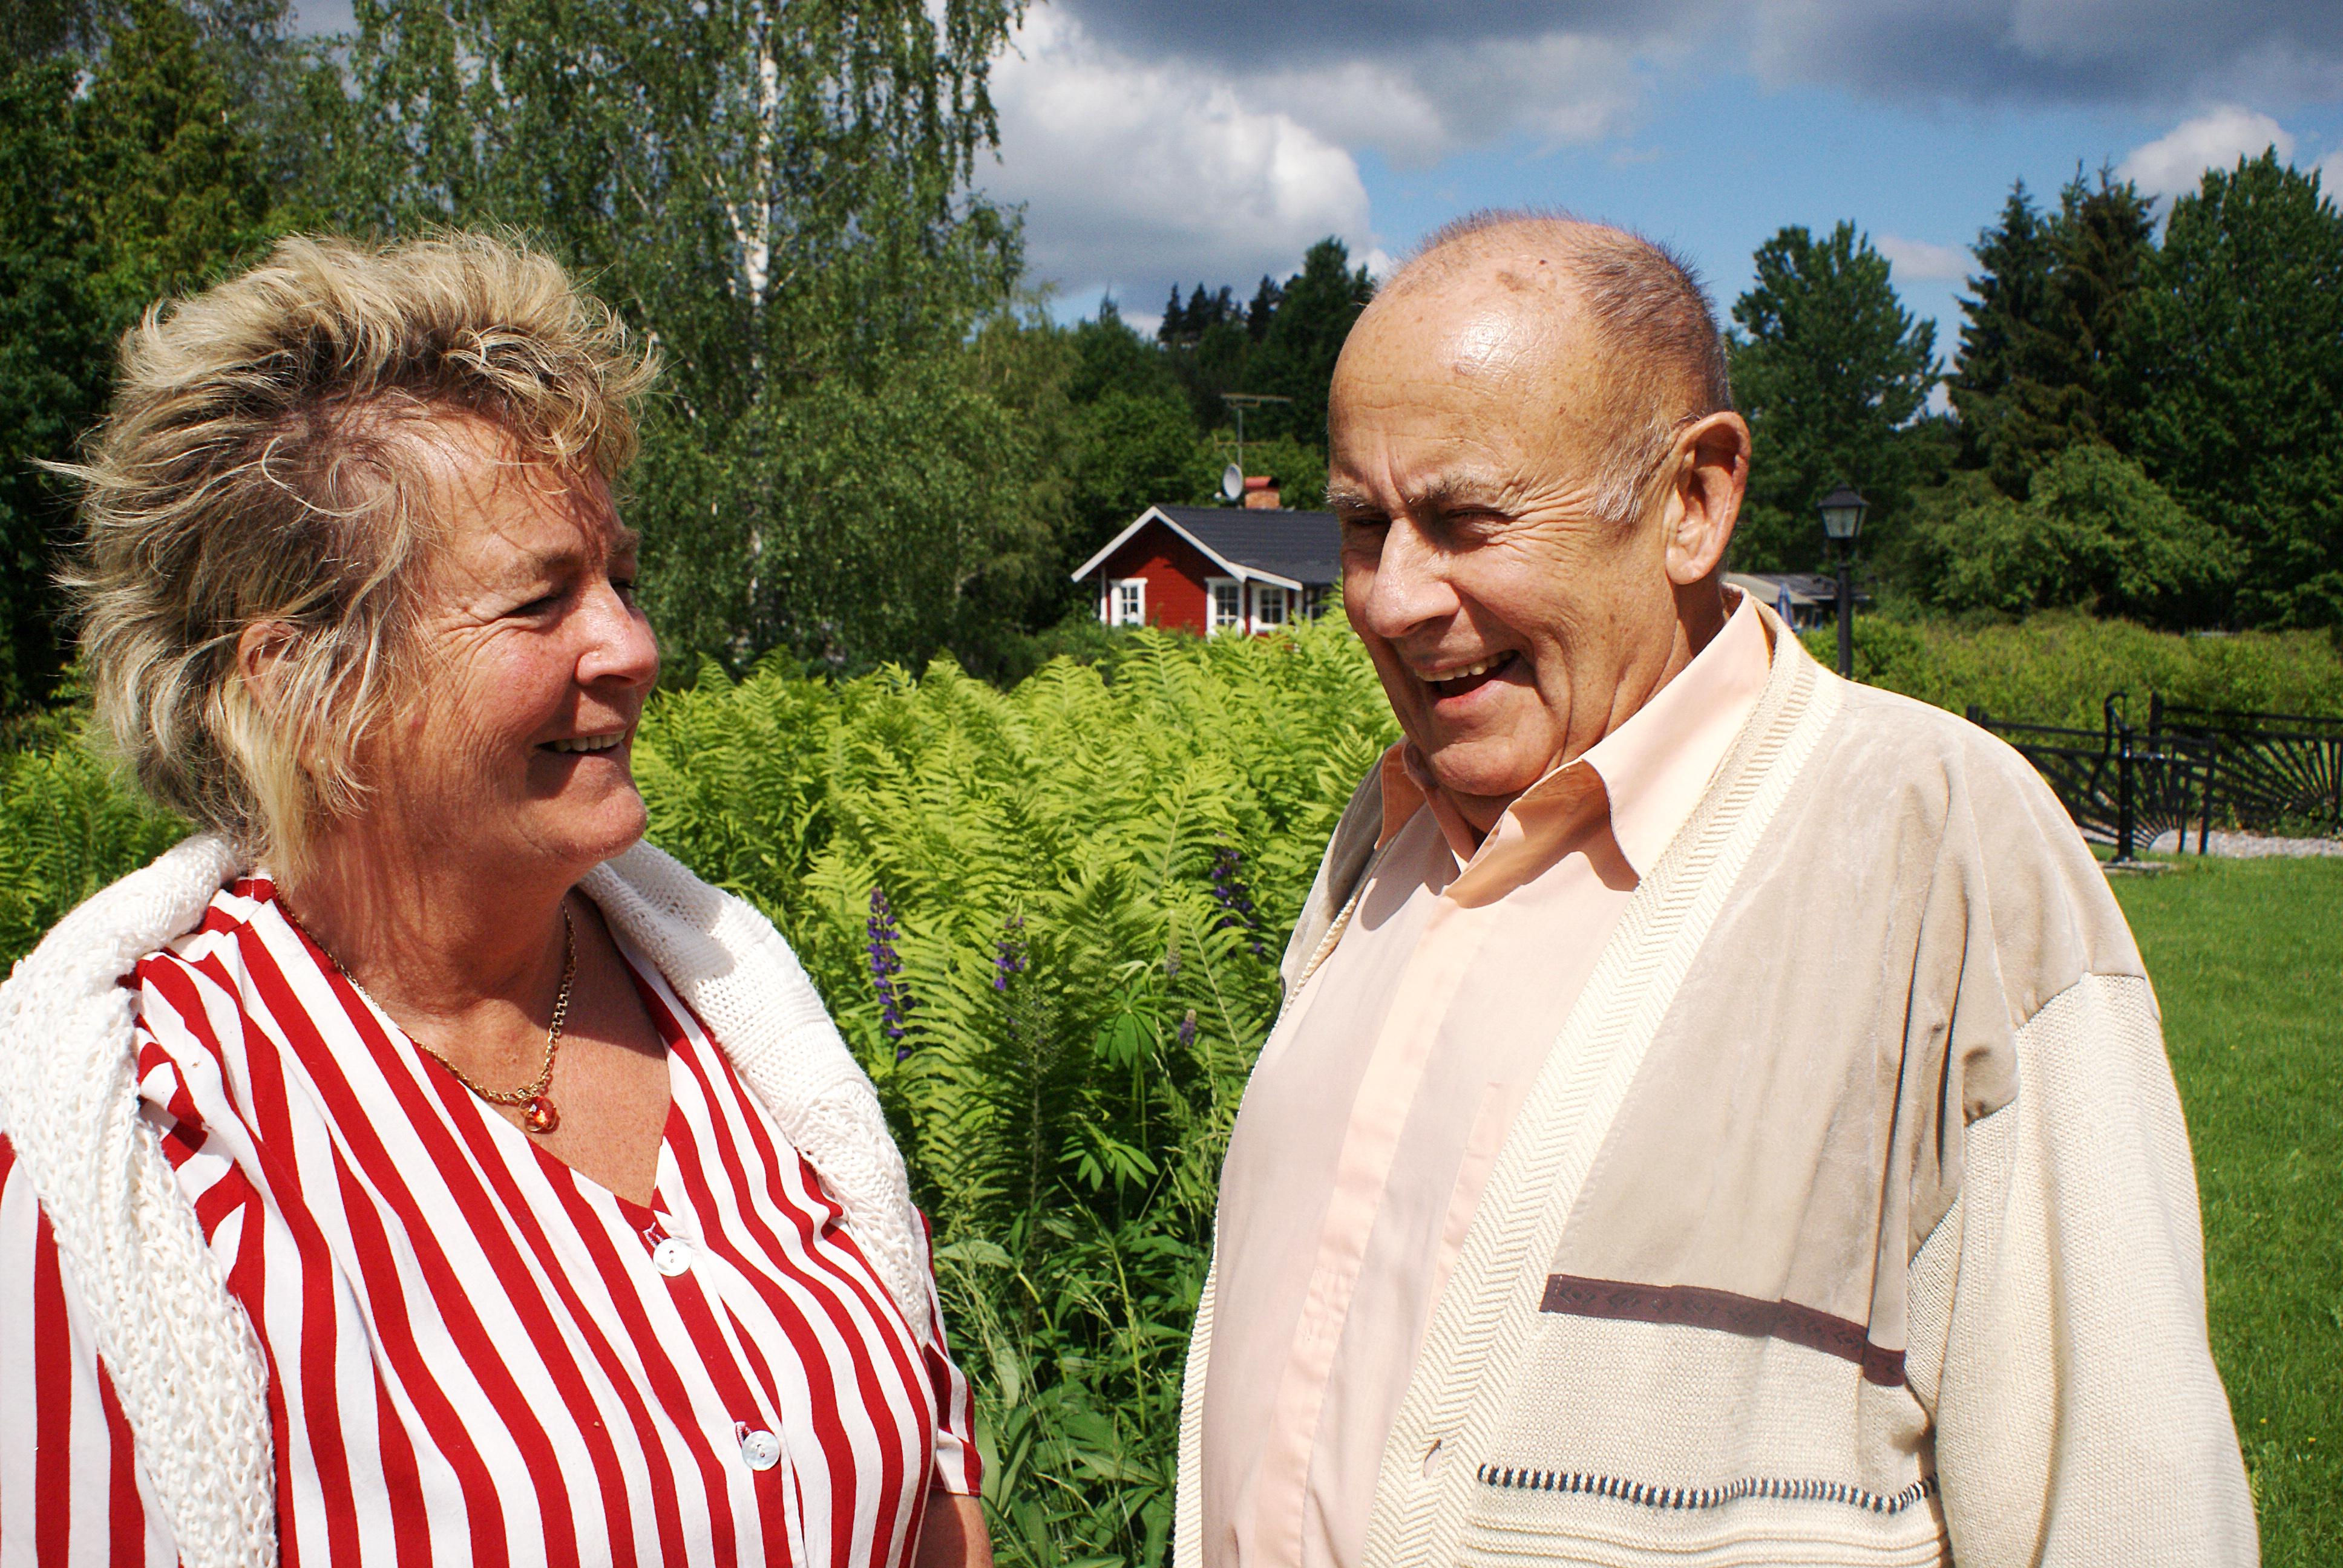 Foto: Catherina Ronsten Bosse och Agneta gifte sig och dem visste att det var rätt. De båda har gått igenom förluster och sorg och kärleken som spirade mellan dem två räddade dem båda.